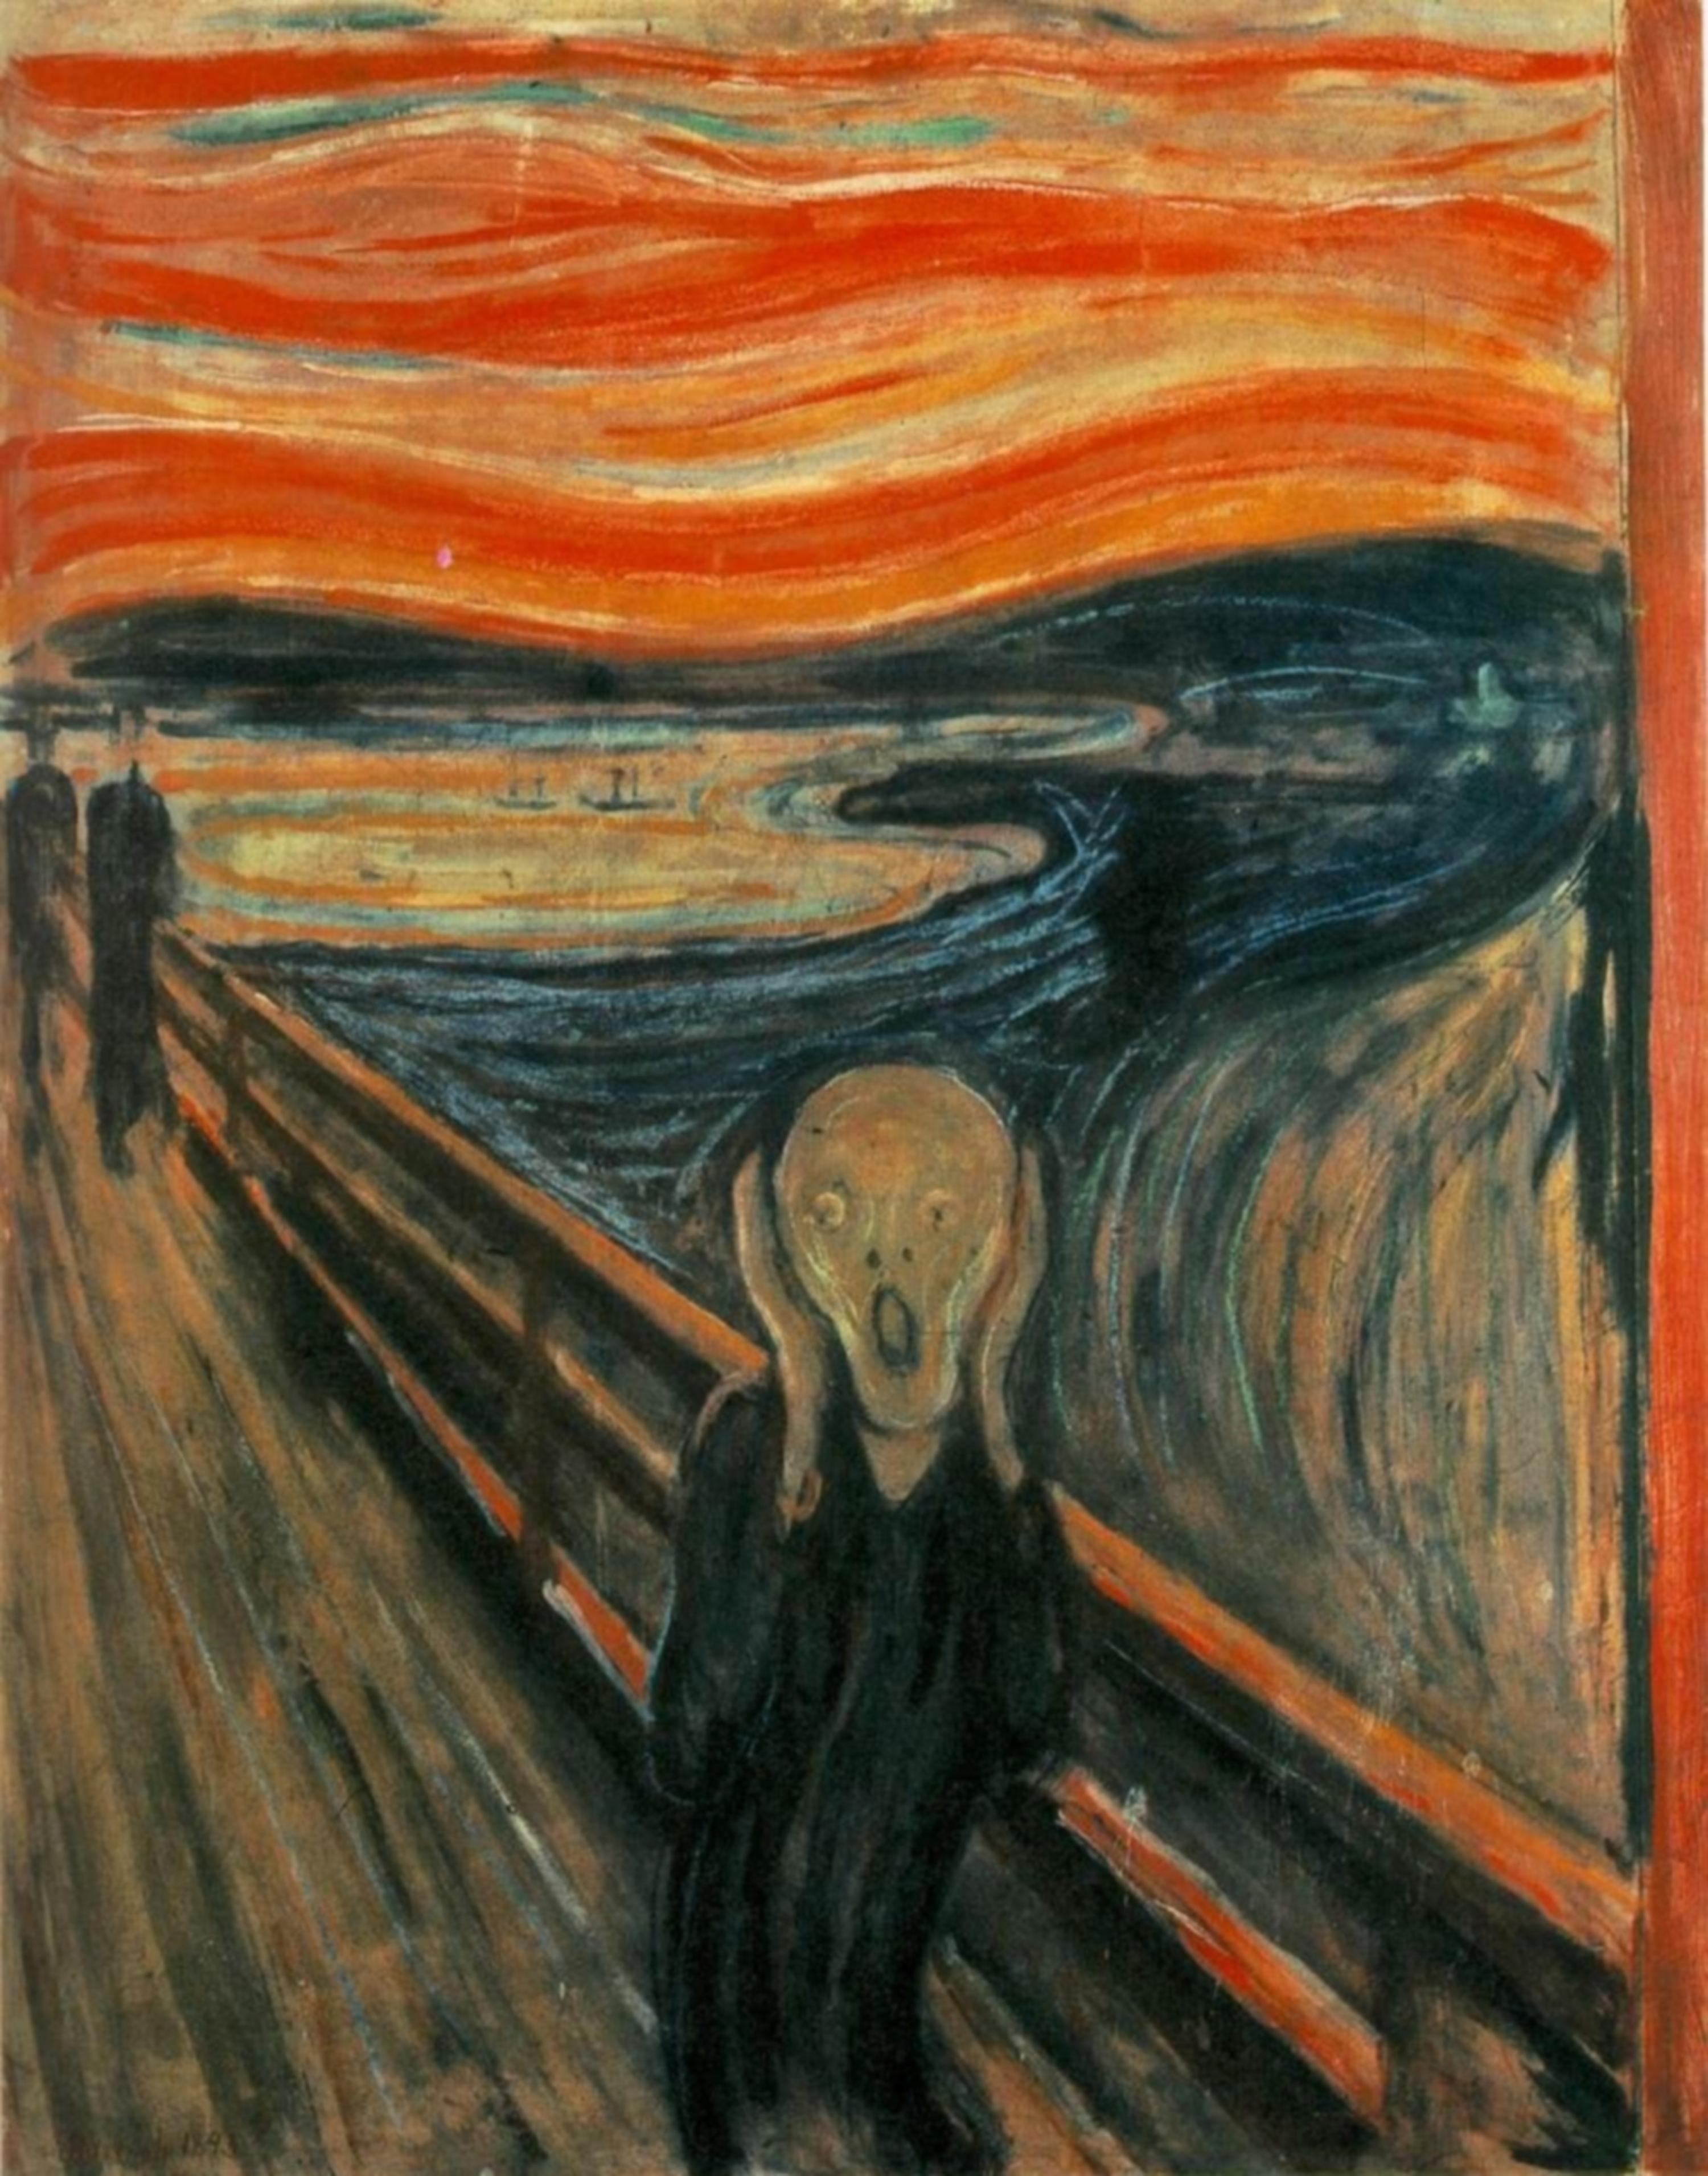 Edvard Munch - L'urlo - 1893, olio, tempera, pastello su cartone, Galleria nazionale, Oslo